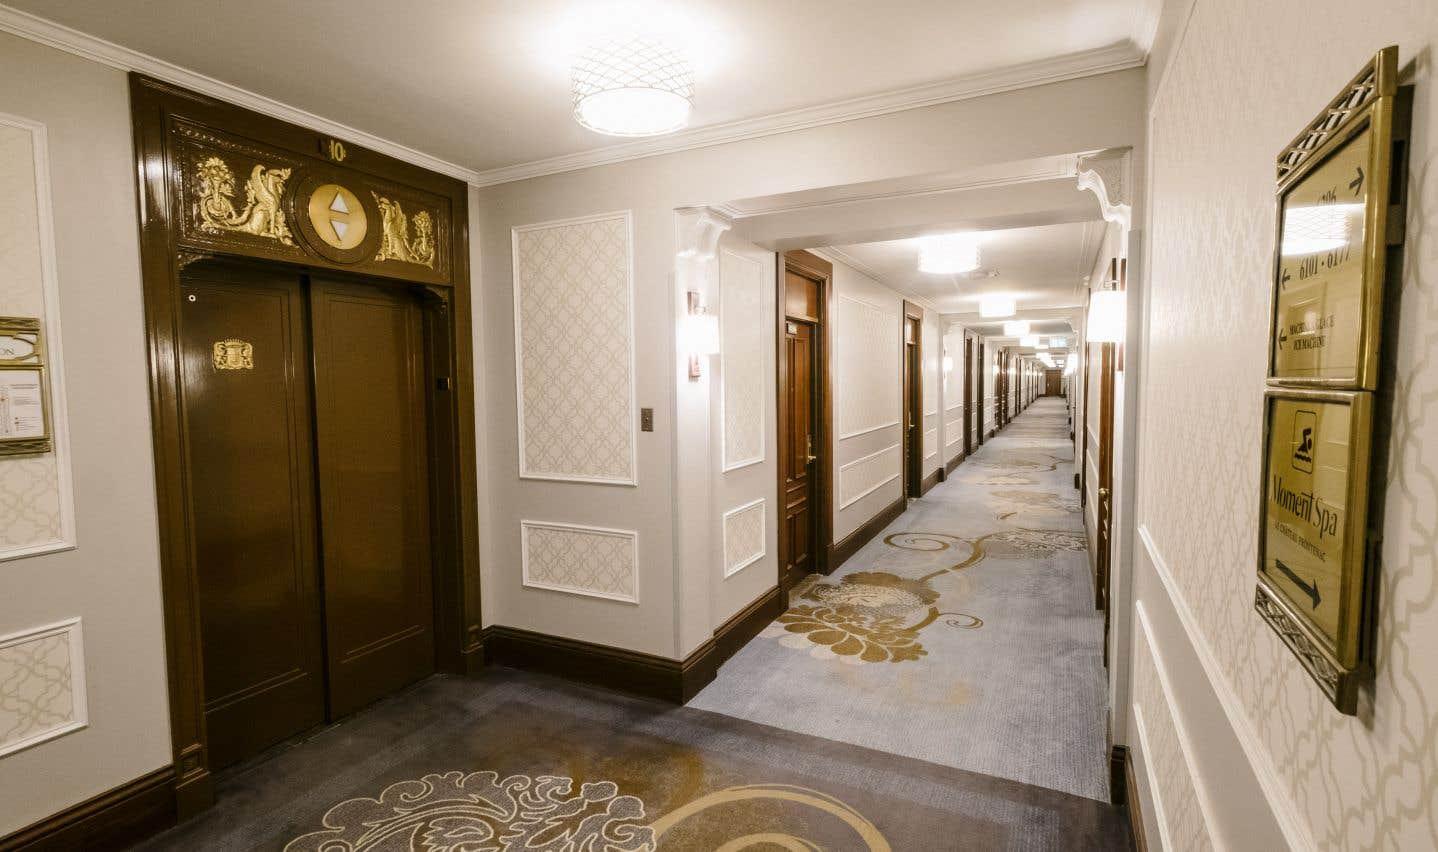 Les divers agrandissements que le bâtiment a connus au fil des époques témoignent des mutations de la richesse et du luxe que l'institution continue de symboliser.